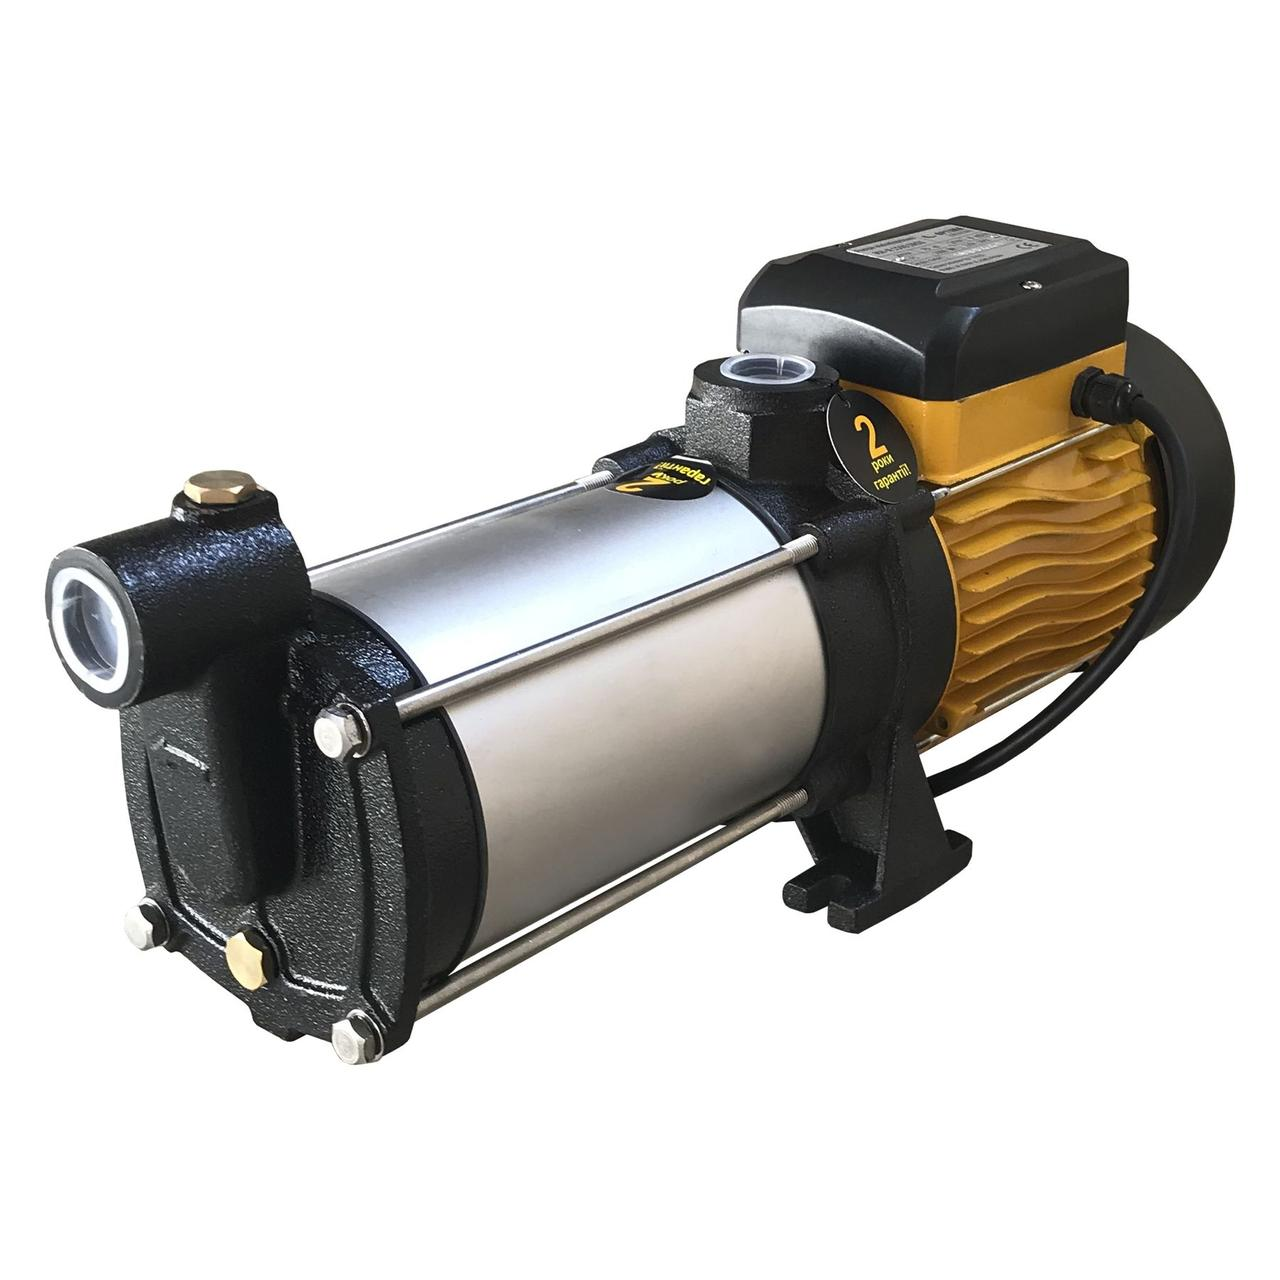 Насос центробежный многоступенчатый Optima MH-N 1500INOX 1,5 кВт нерж. колеса